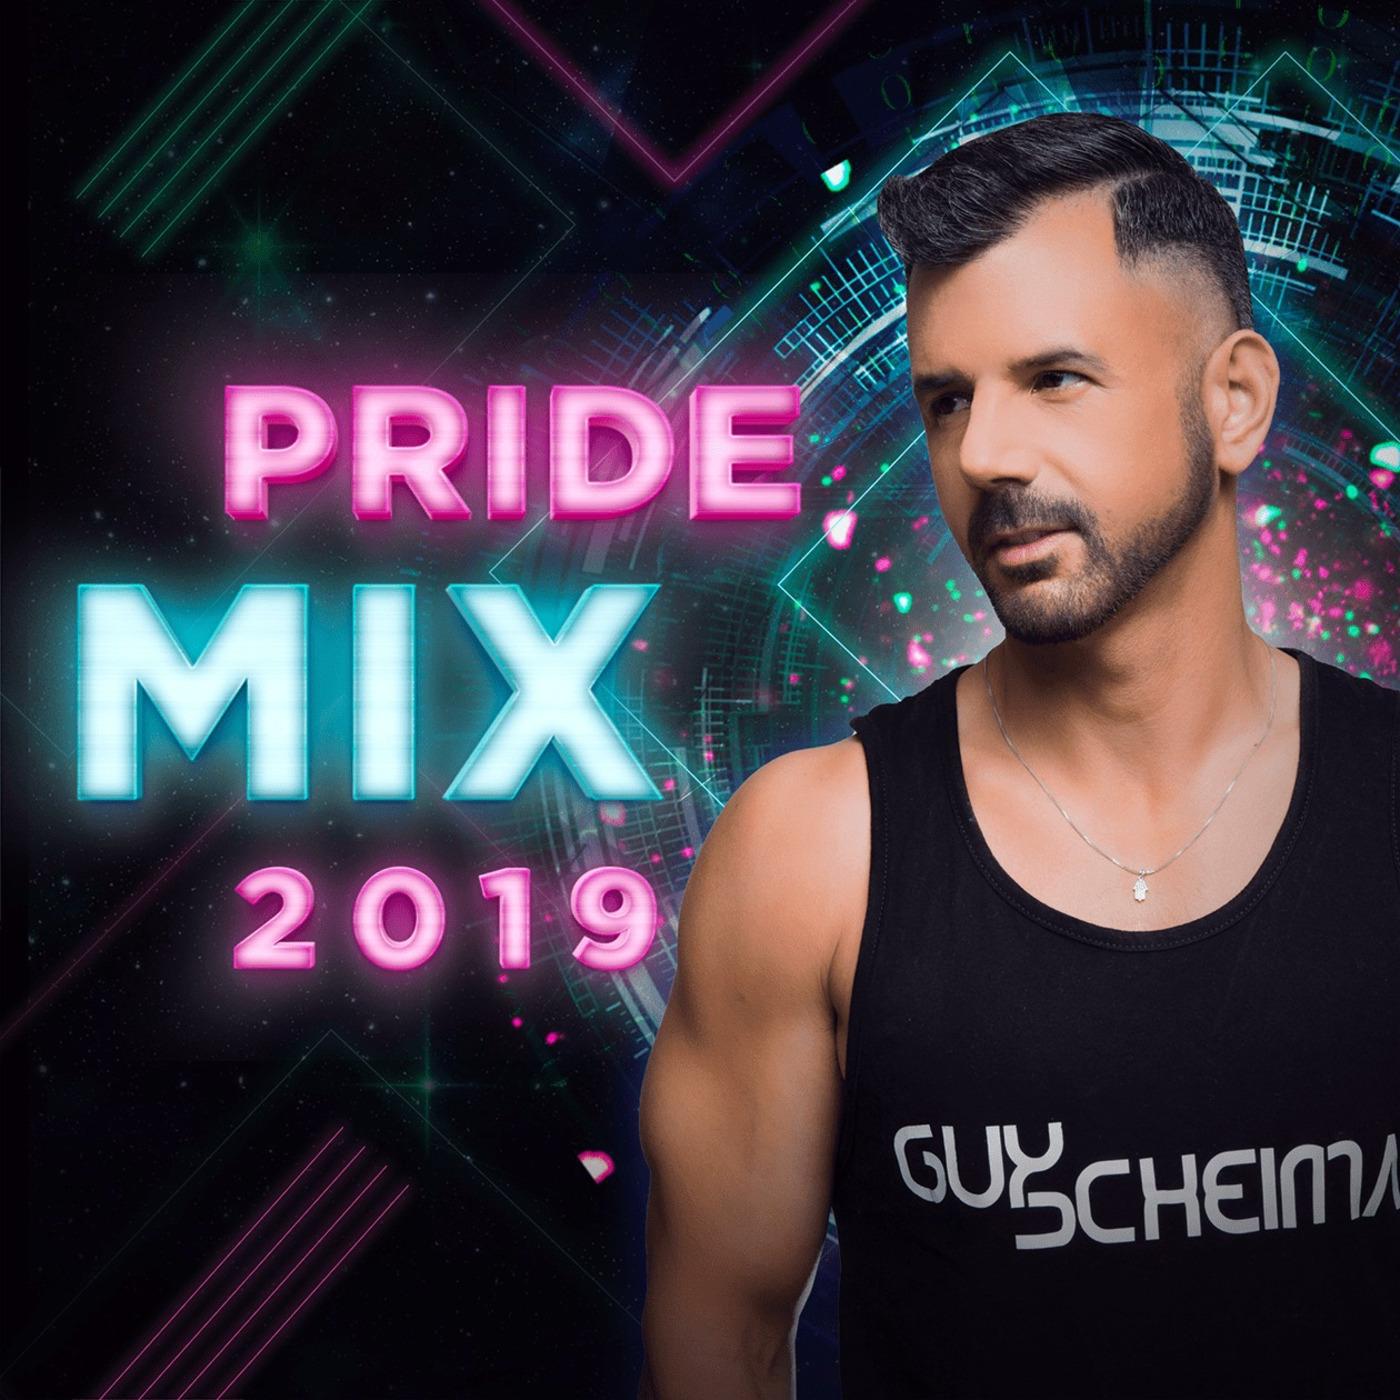 Guy Scheiman Pride Mix 2019 ##FREE DOWNLOAD## Guy Scheiman's